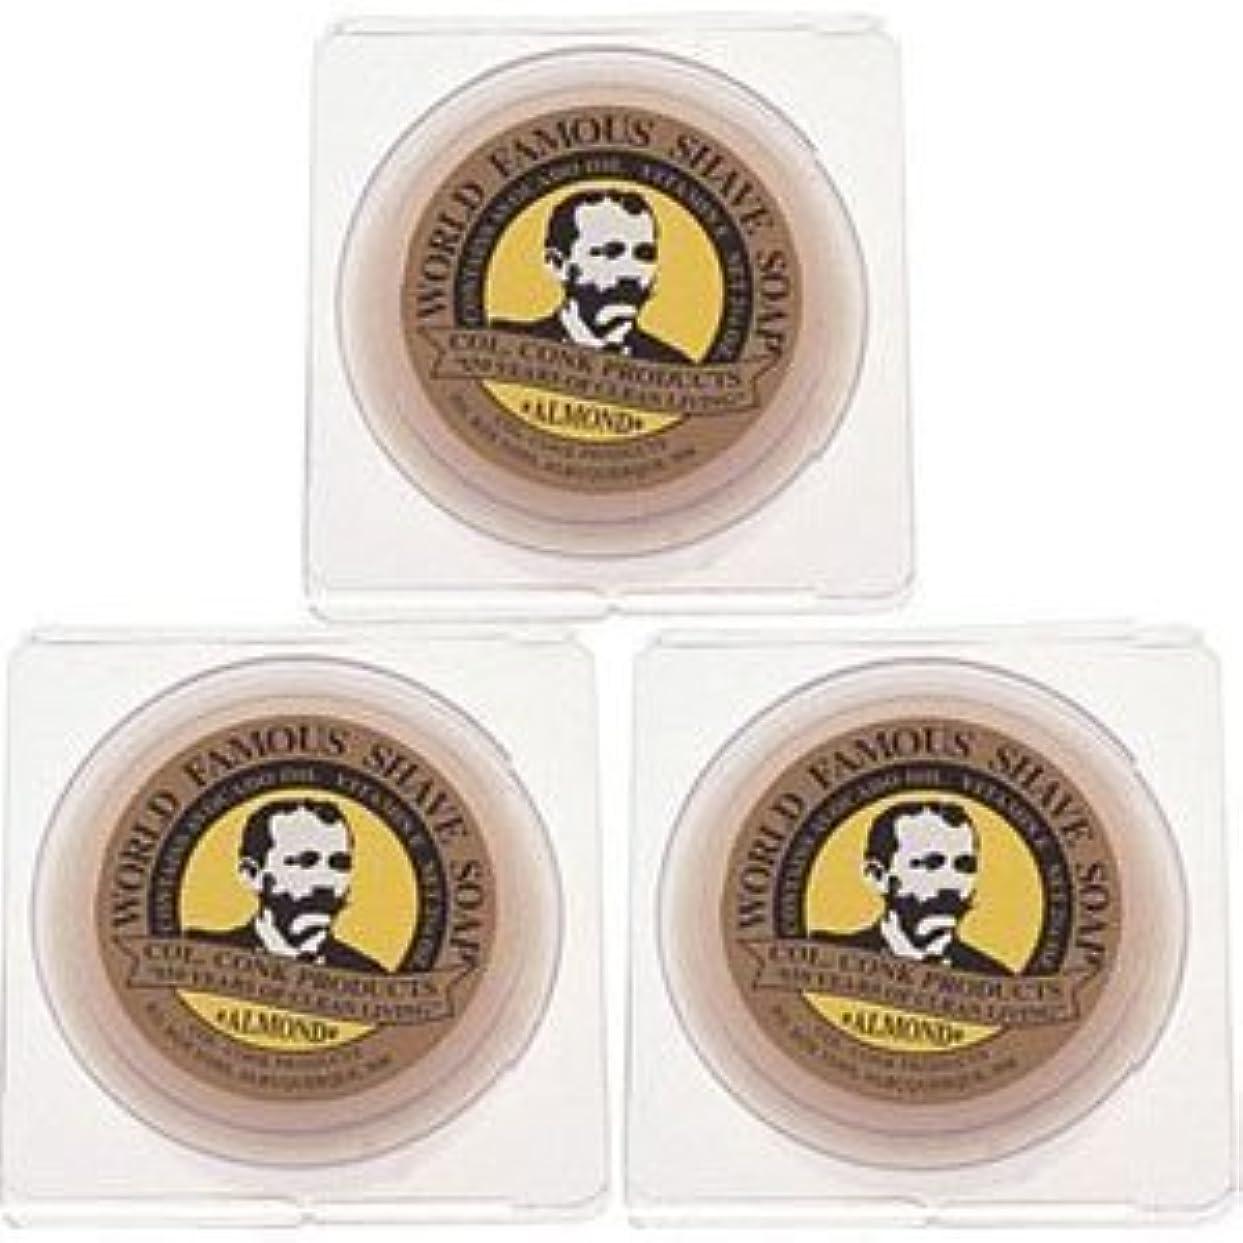 吐くサラミ多様性Col. Conk World's Famous Shaving Soap Almond * 3 - Pack * Each Net Weight 2.25 Oz by Colonel Conk [並行輸入品]